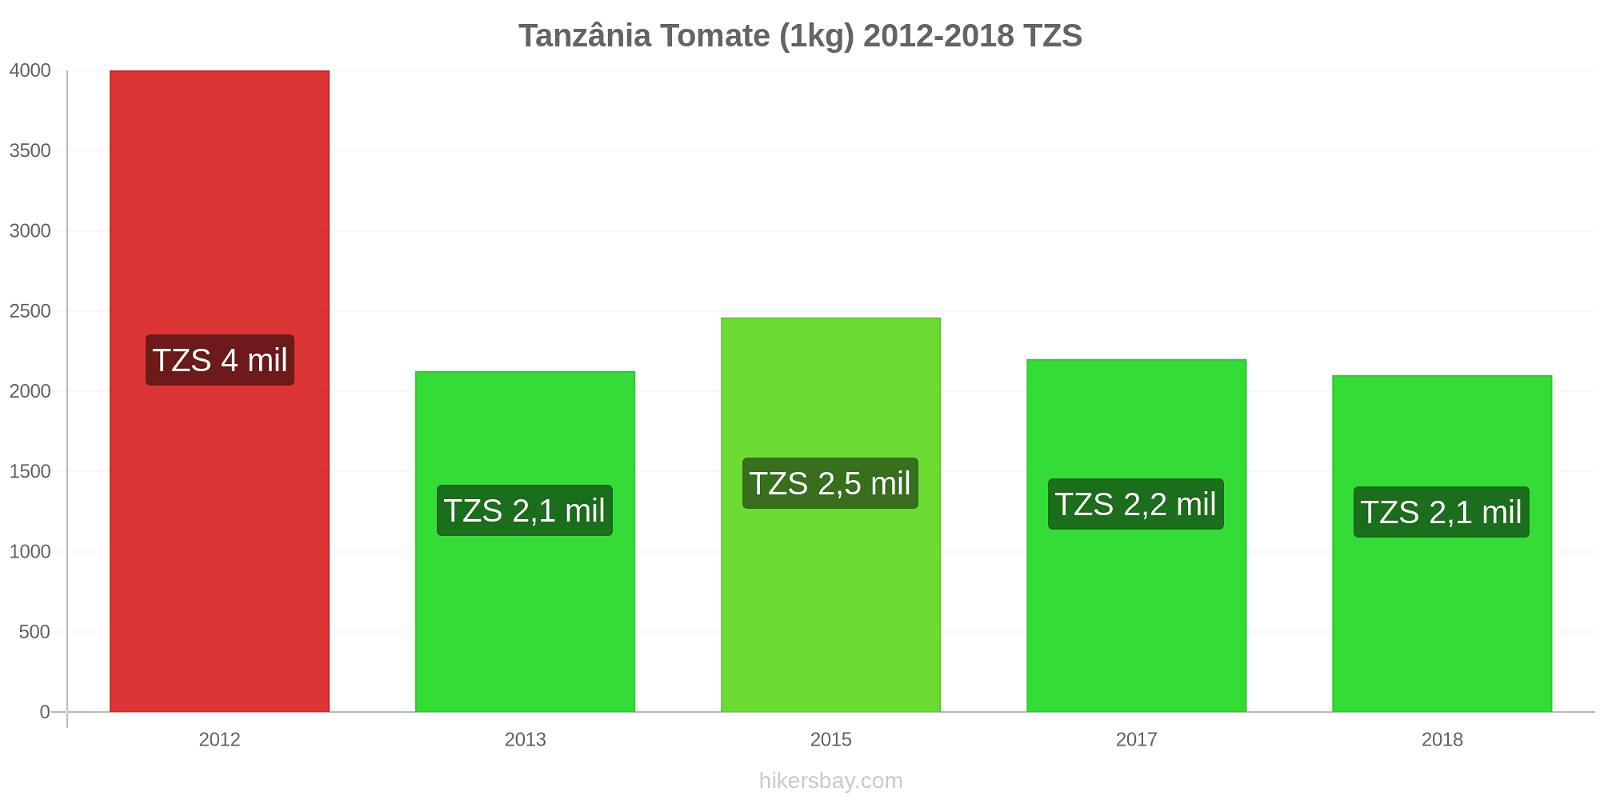 Tanzânia variação de preço Tomate (1kg) hikersbay.com